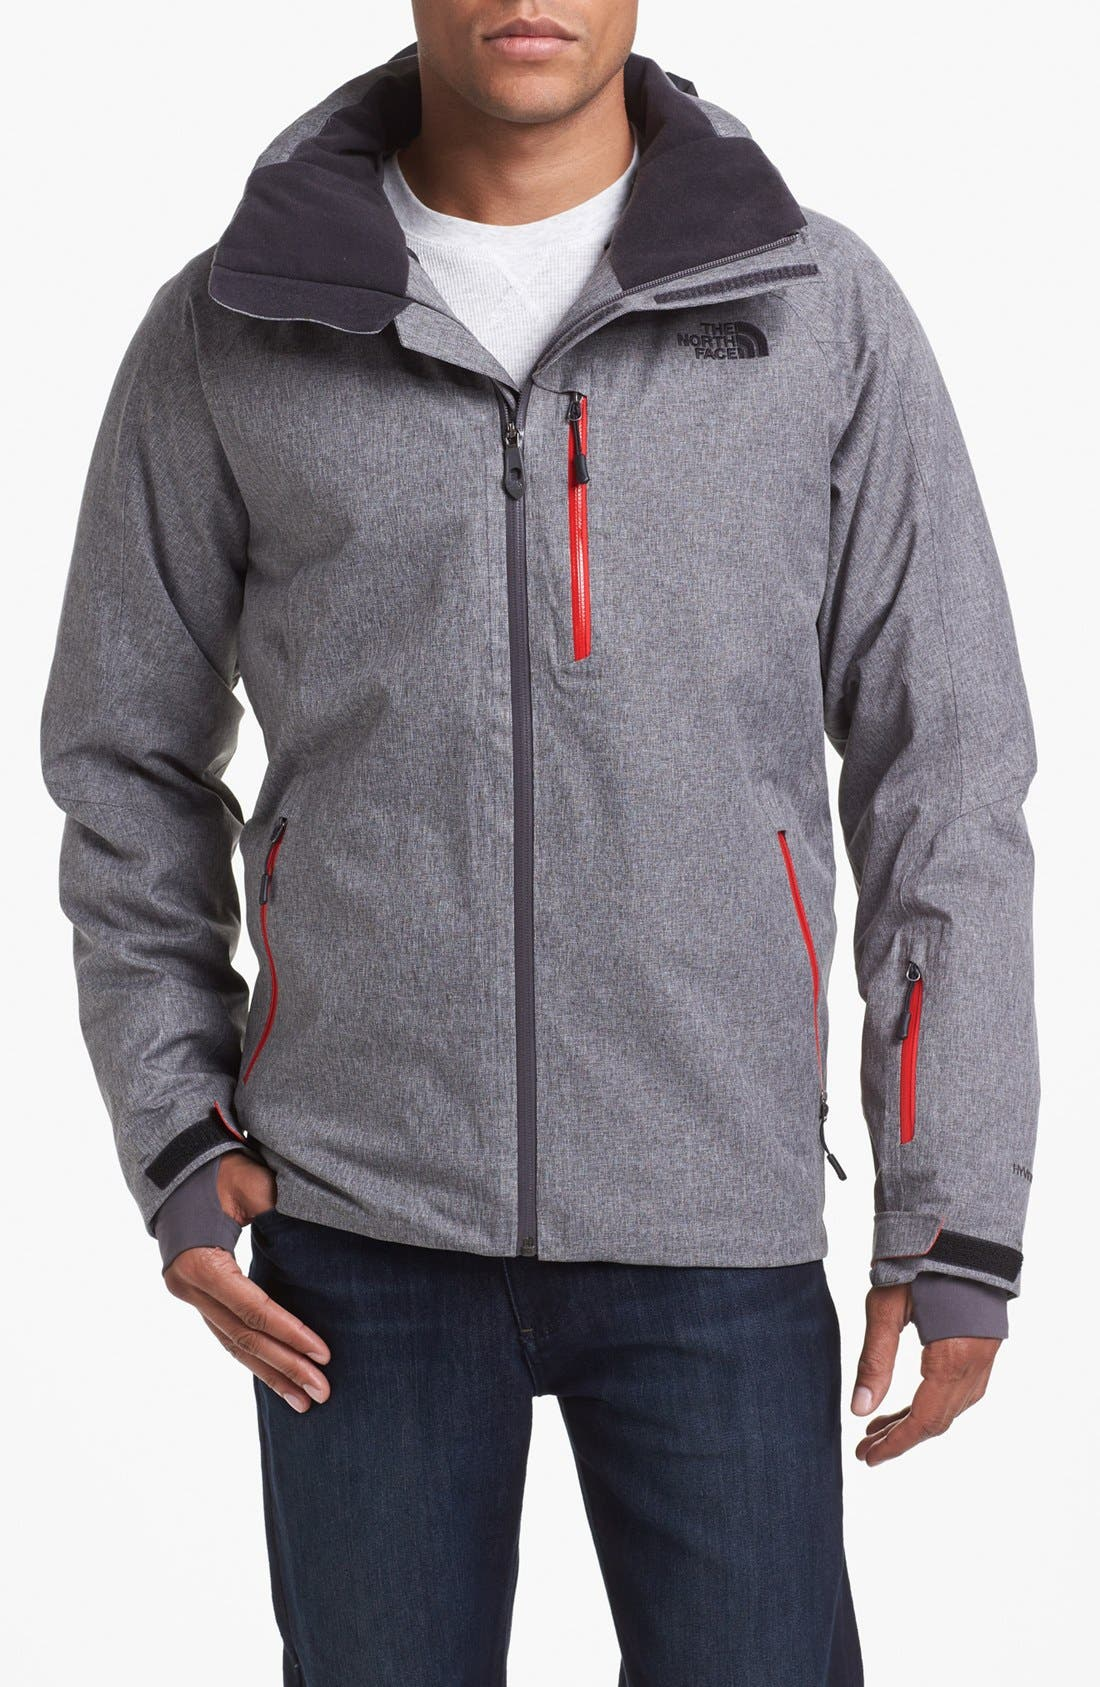 Main Image - The North Face 'Furano' Jacket